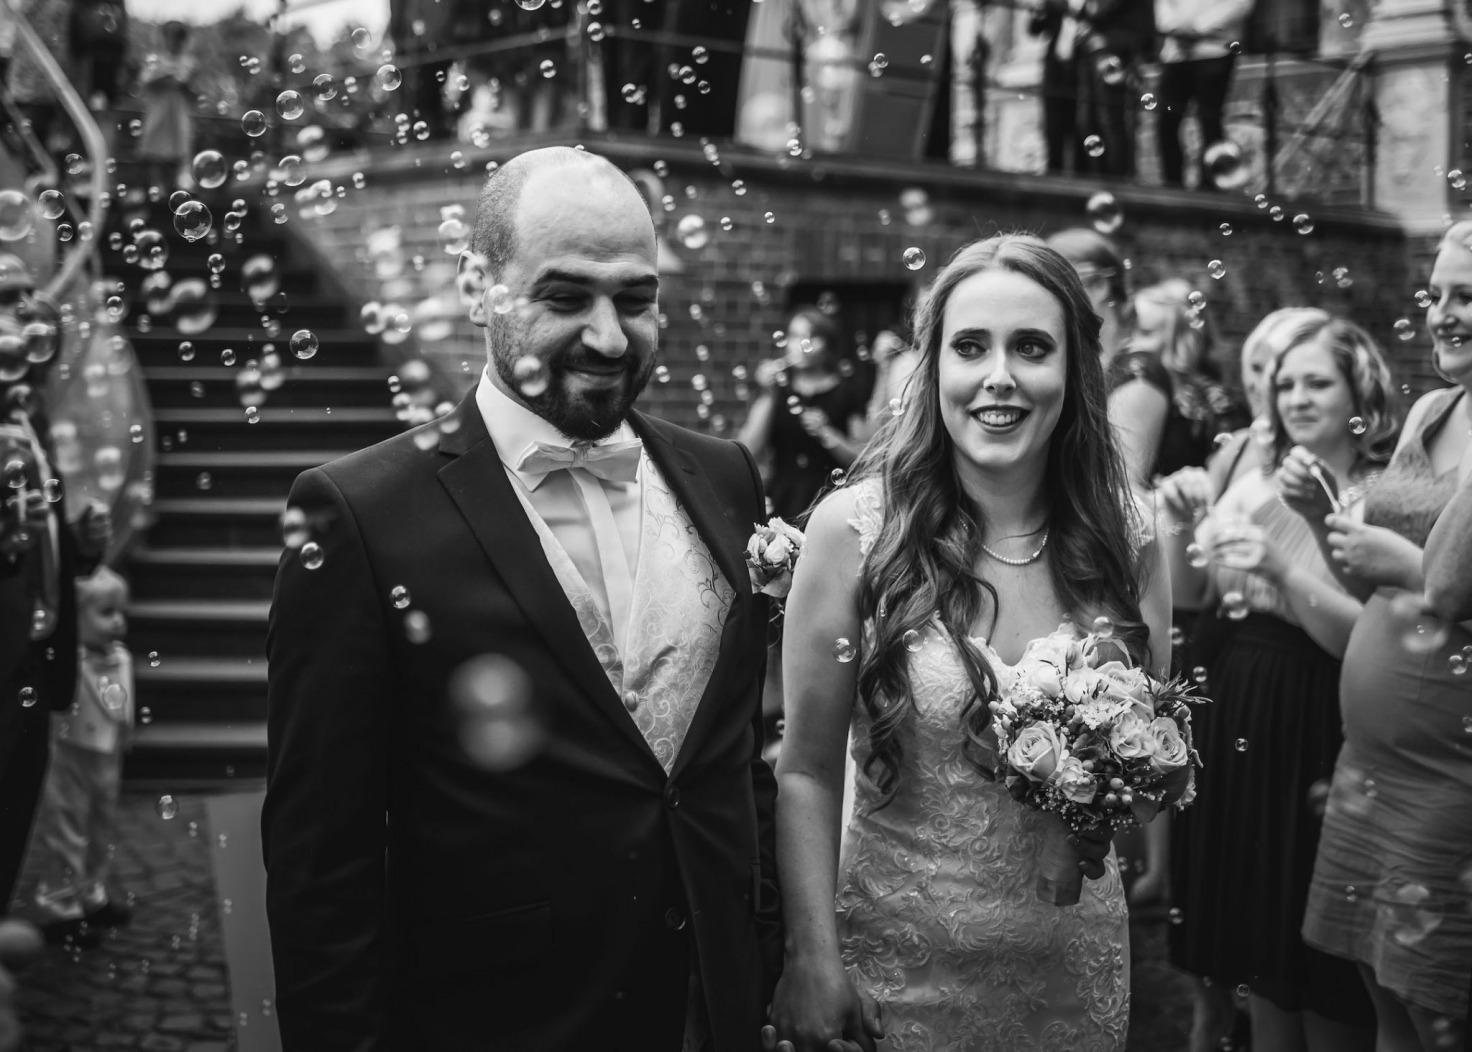 Hochzeit von Katharina und Mustafa in Münster: Seifenblasen